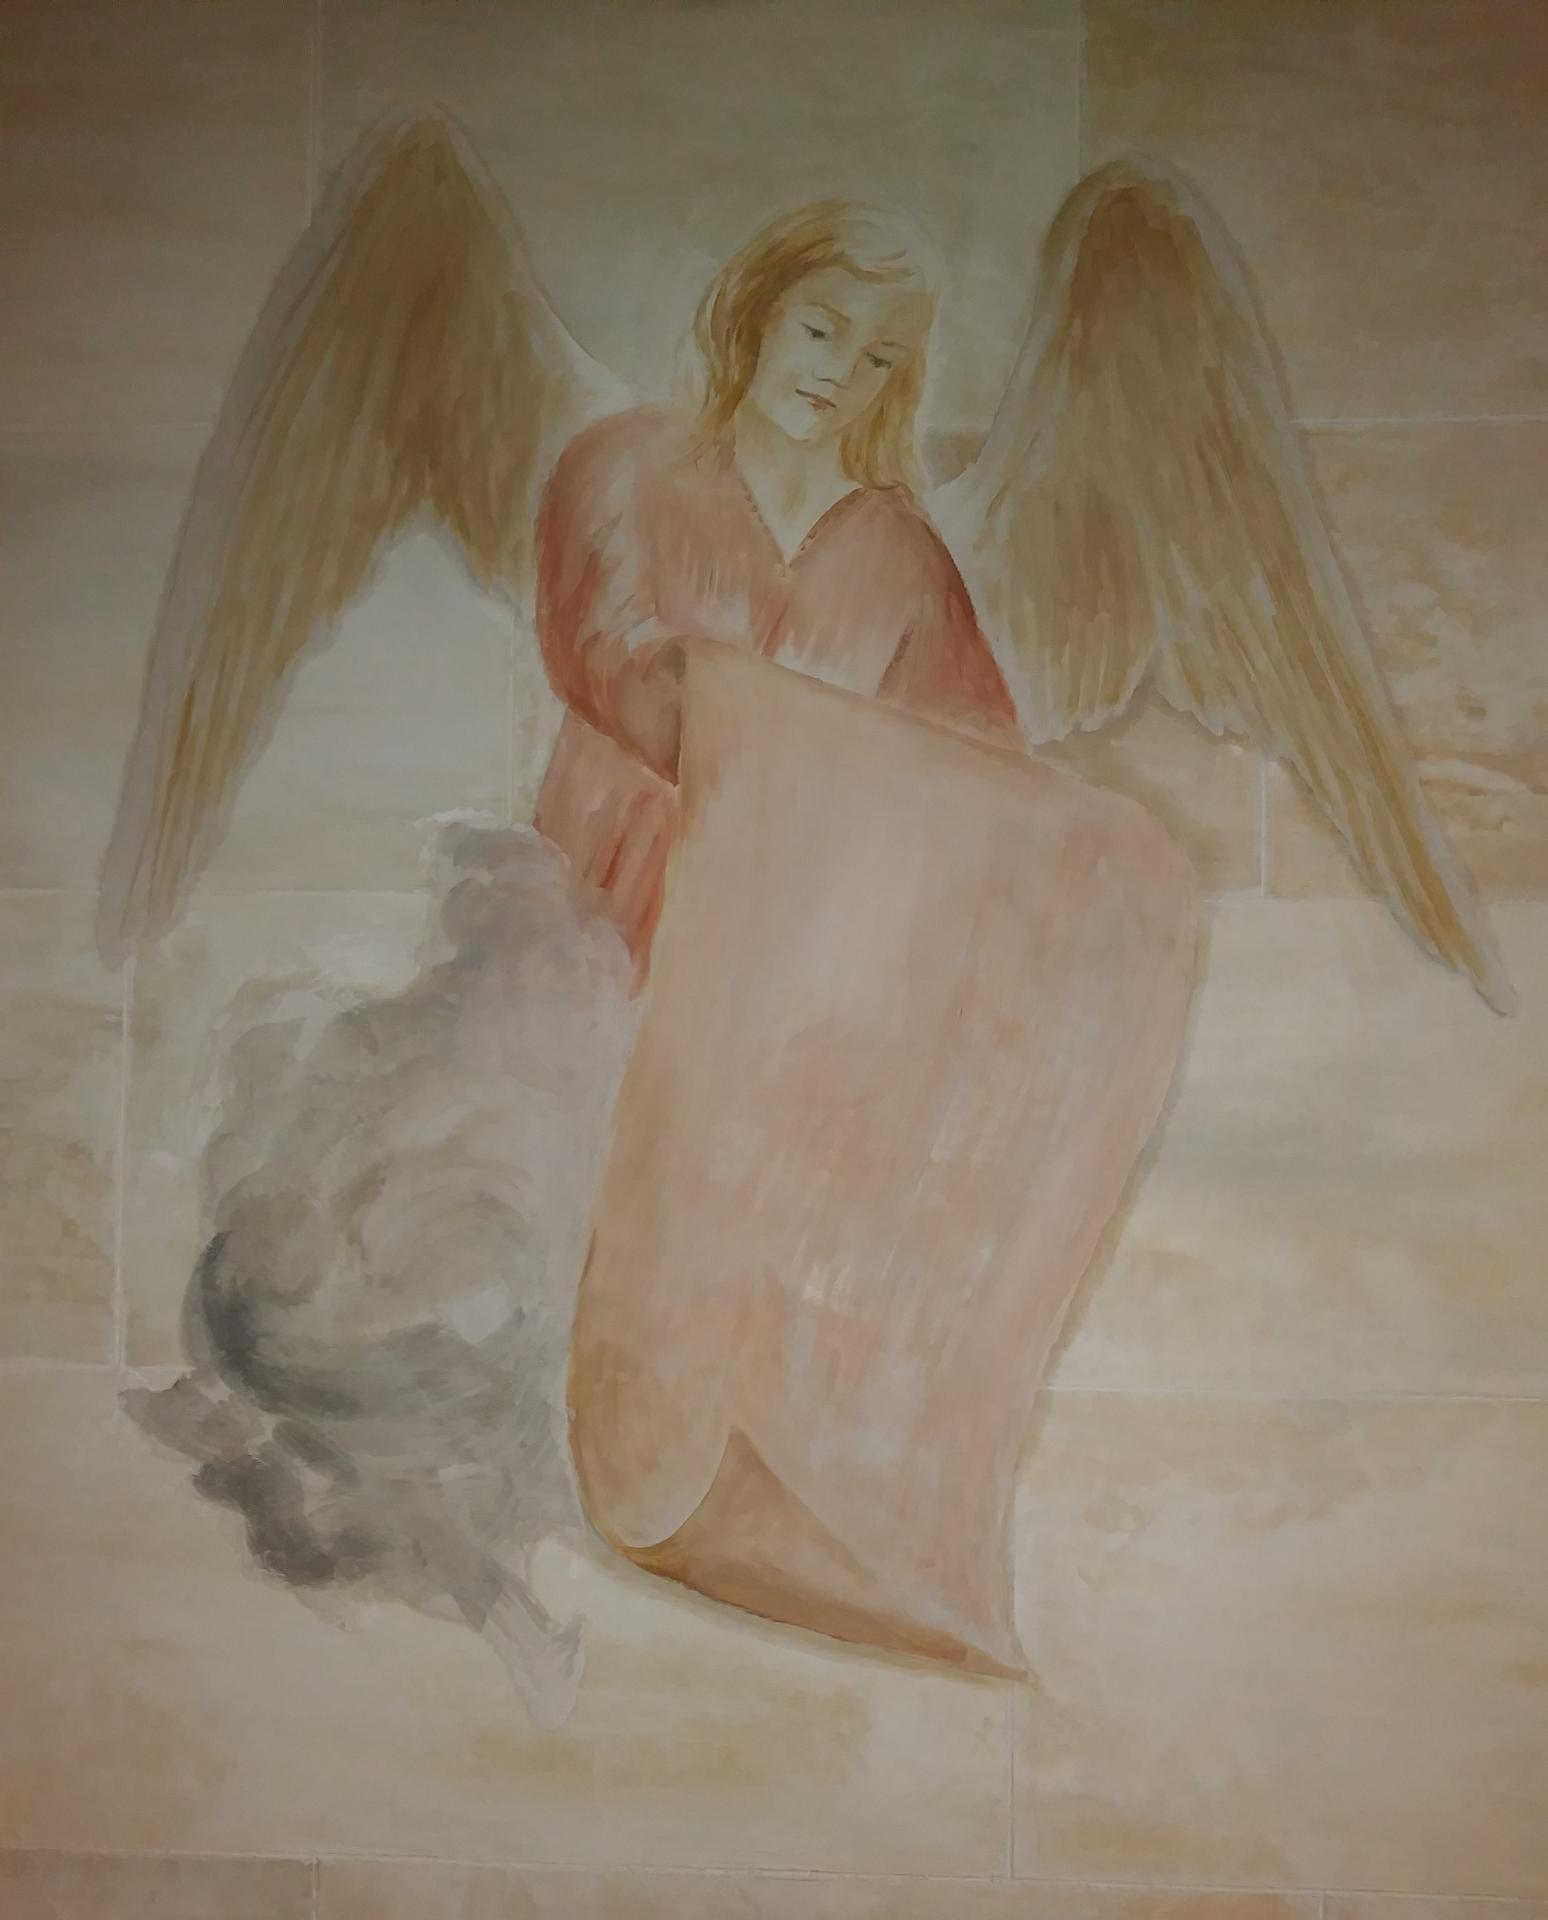 Ange basilique du sacre coeur de marseille fresque